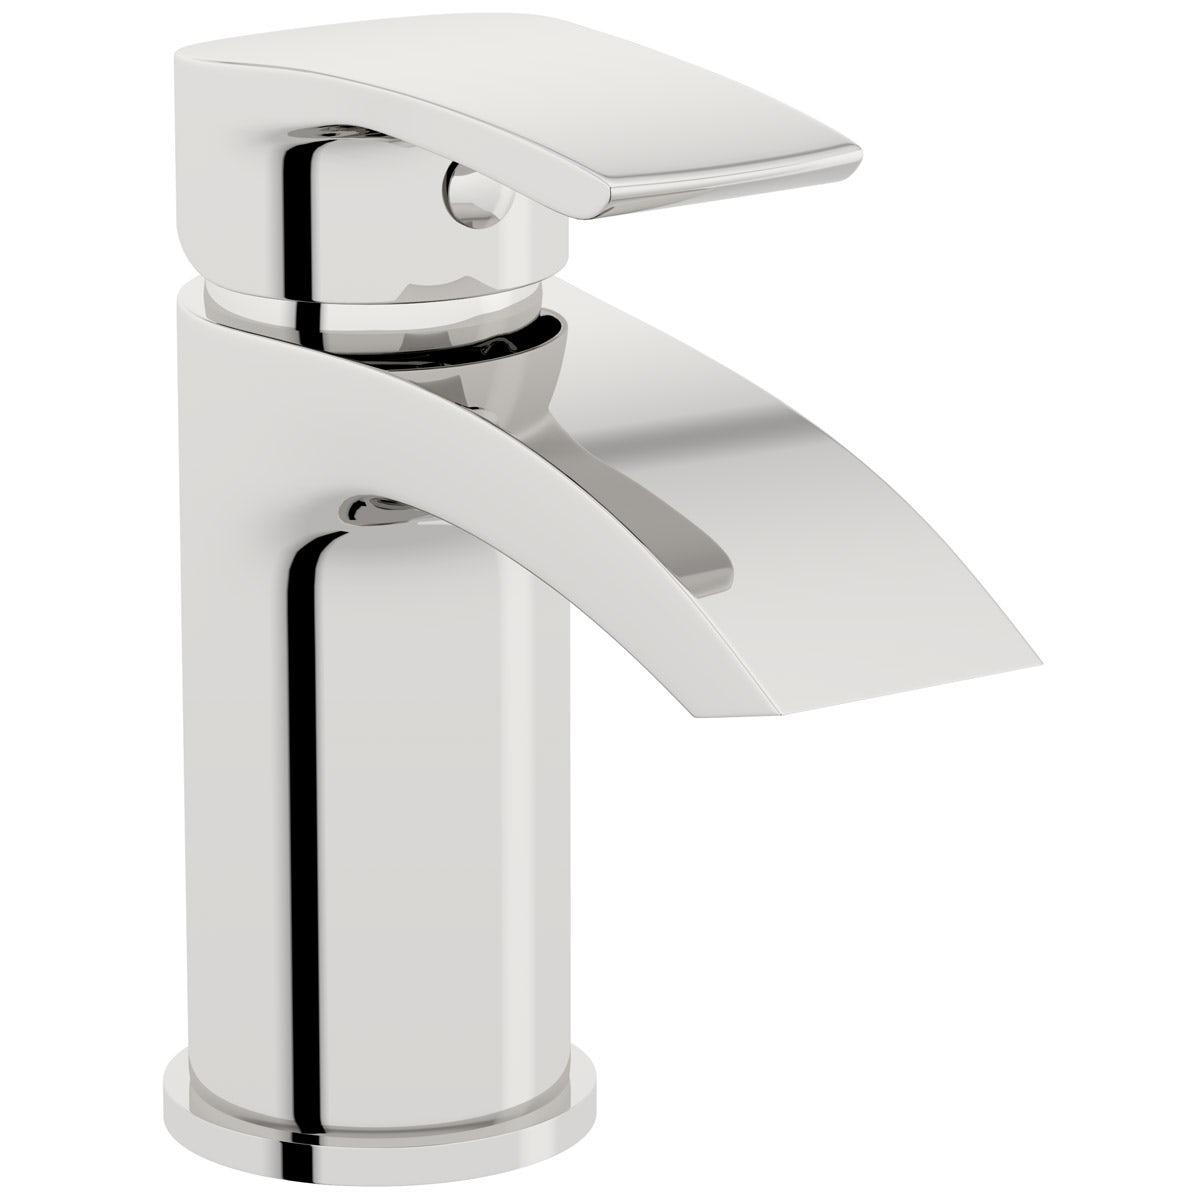 Orchard Derwent round basin mixer tap